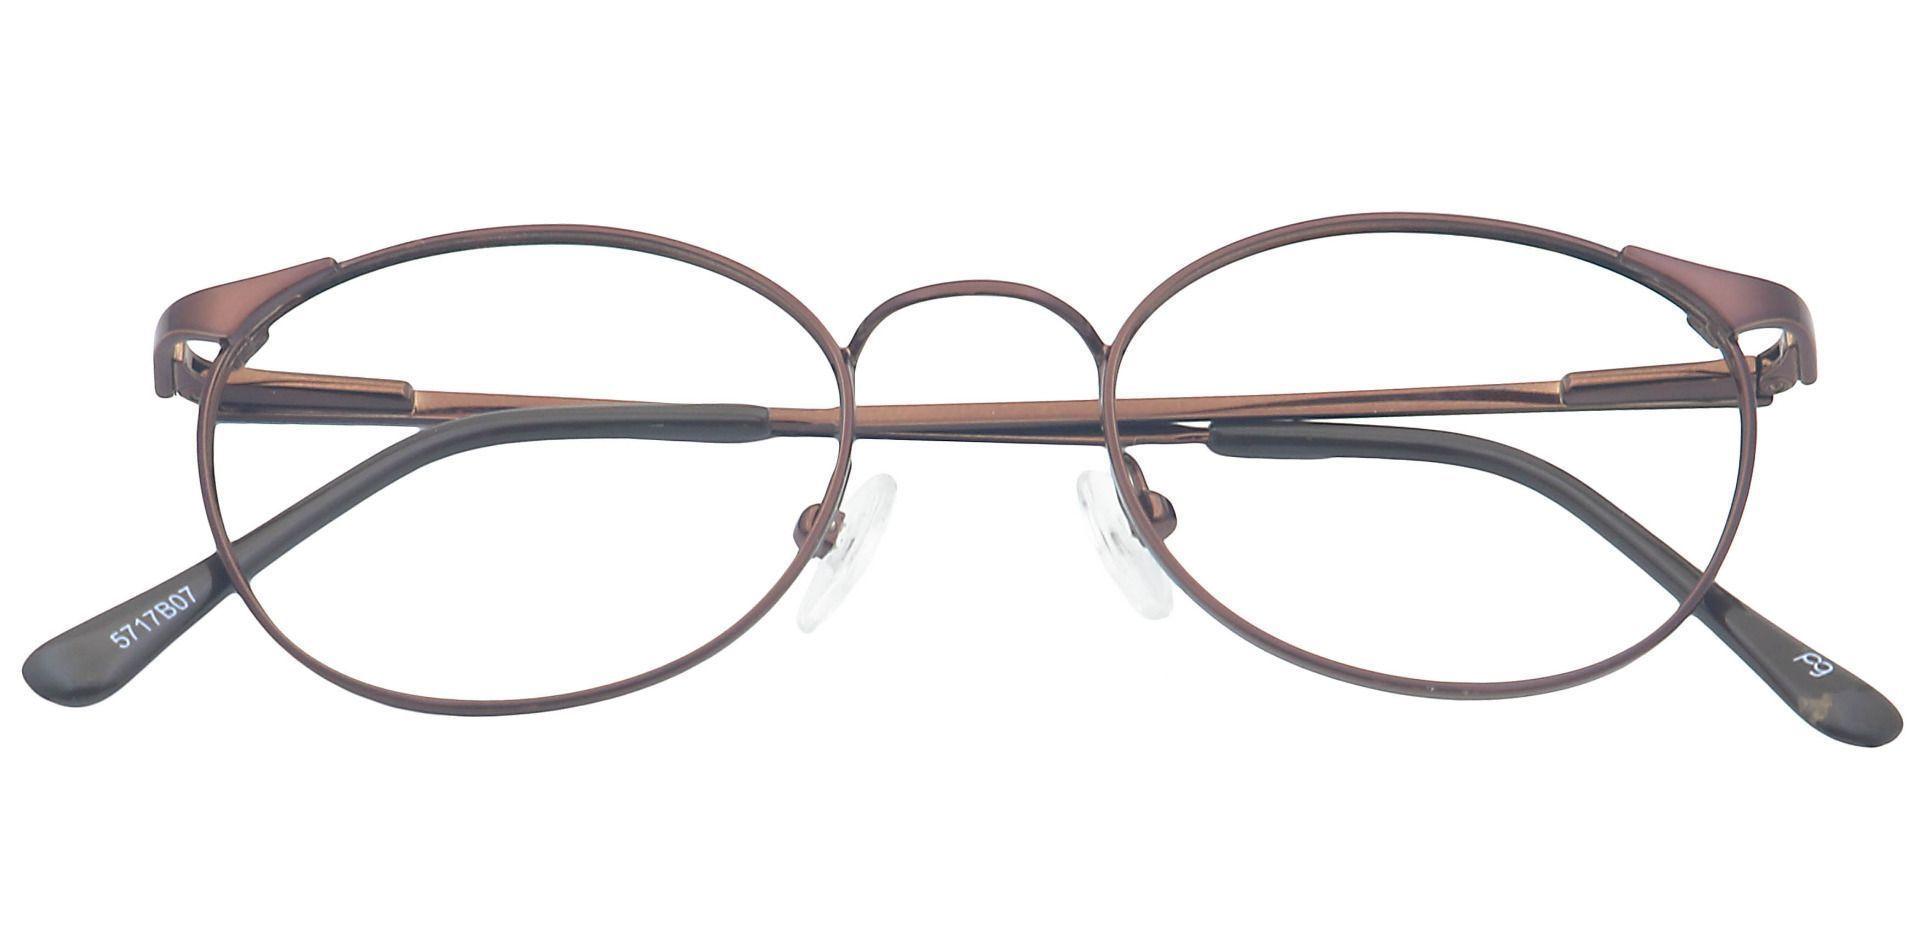 Collen Round Prescription Glasses - Brown